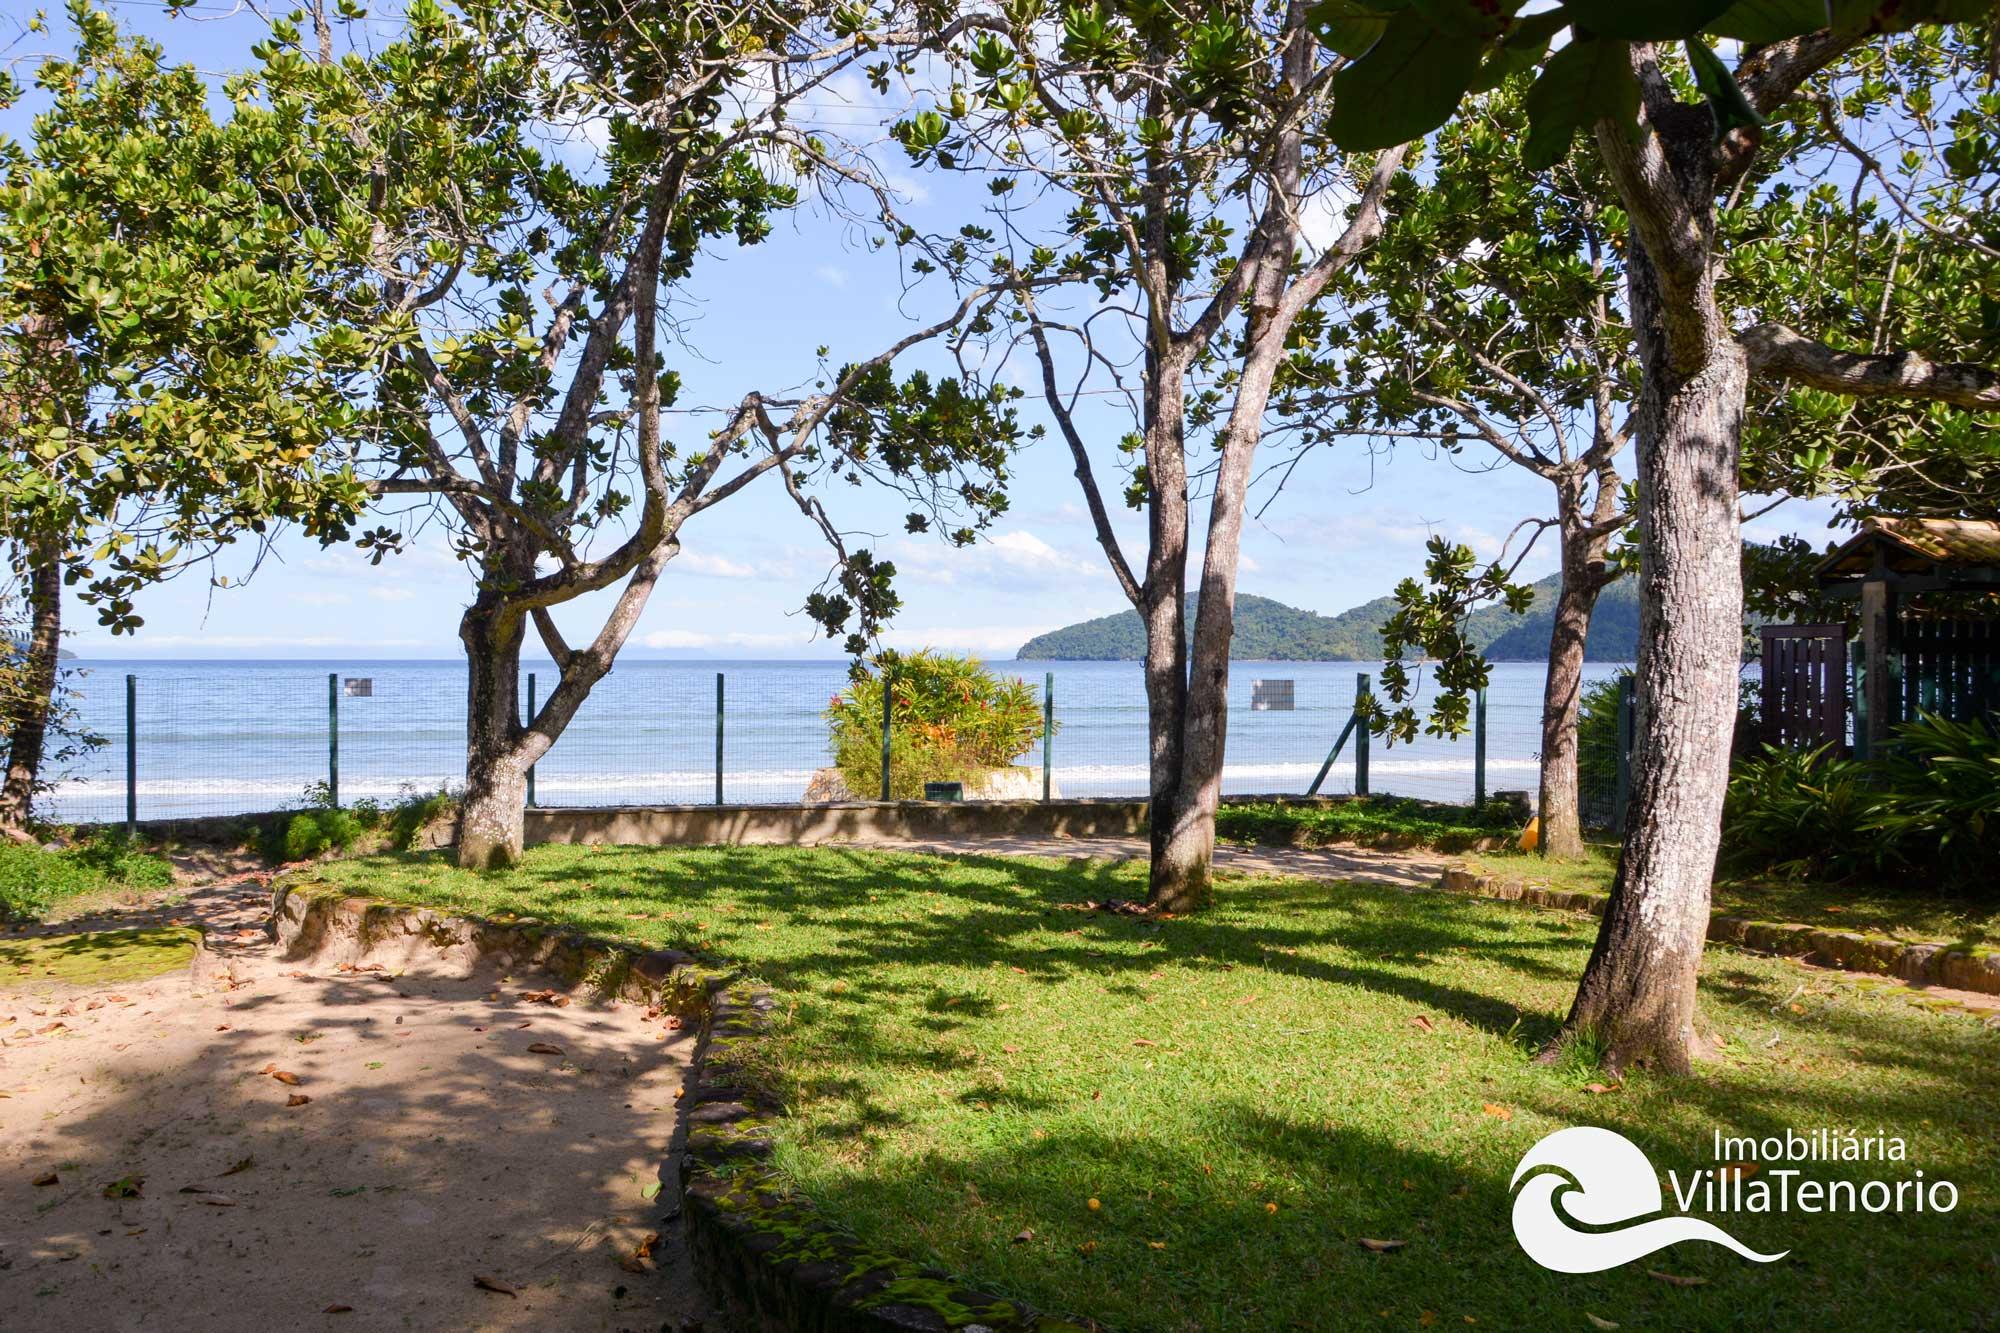 Casa a venda em Ubatuba -Projeto de Franz Heep - frente para o mar_CasaPrincipal_frente_beach